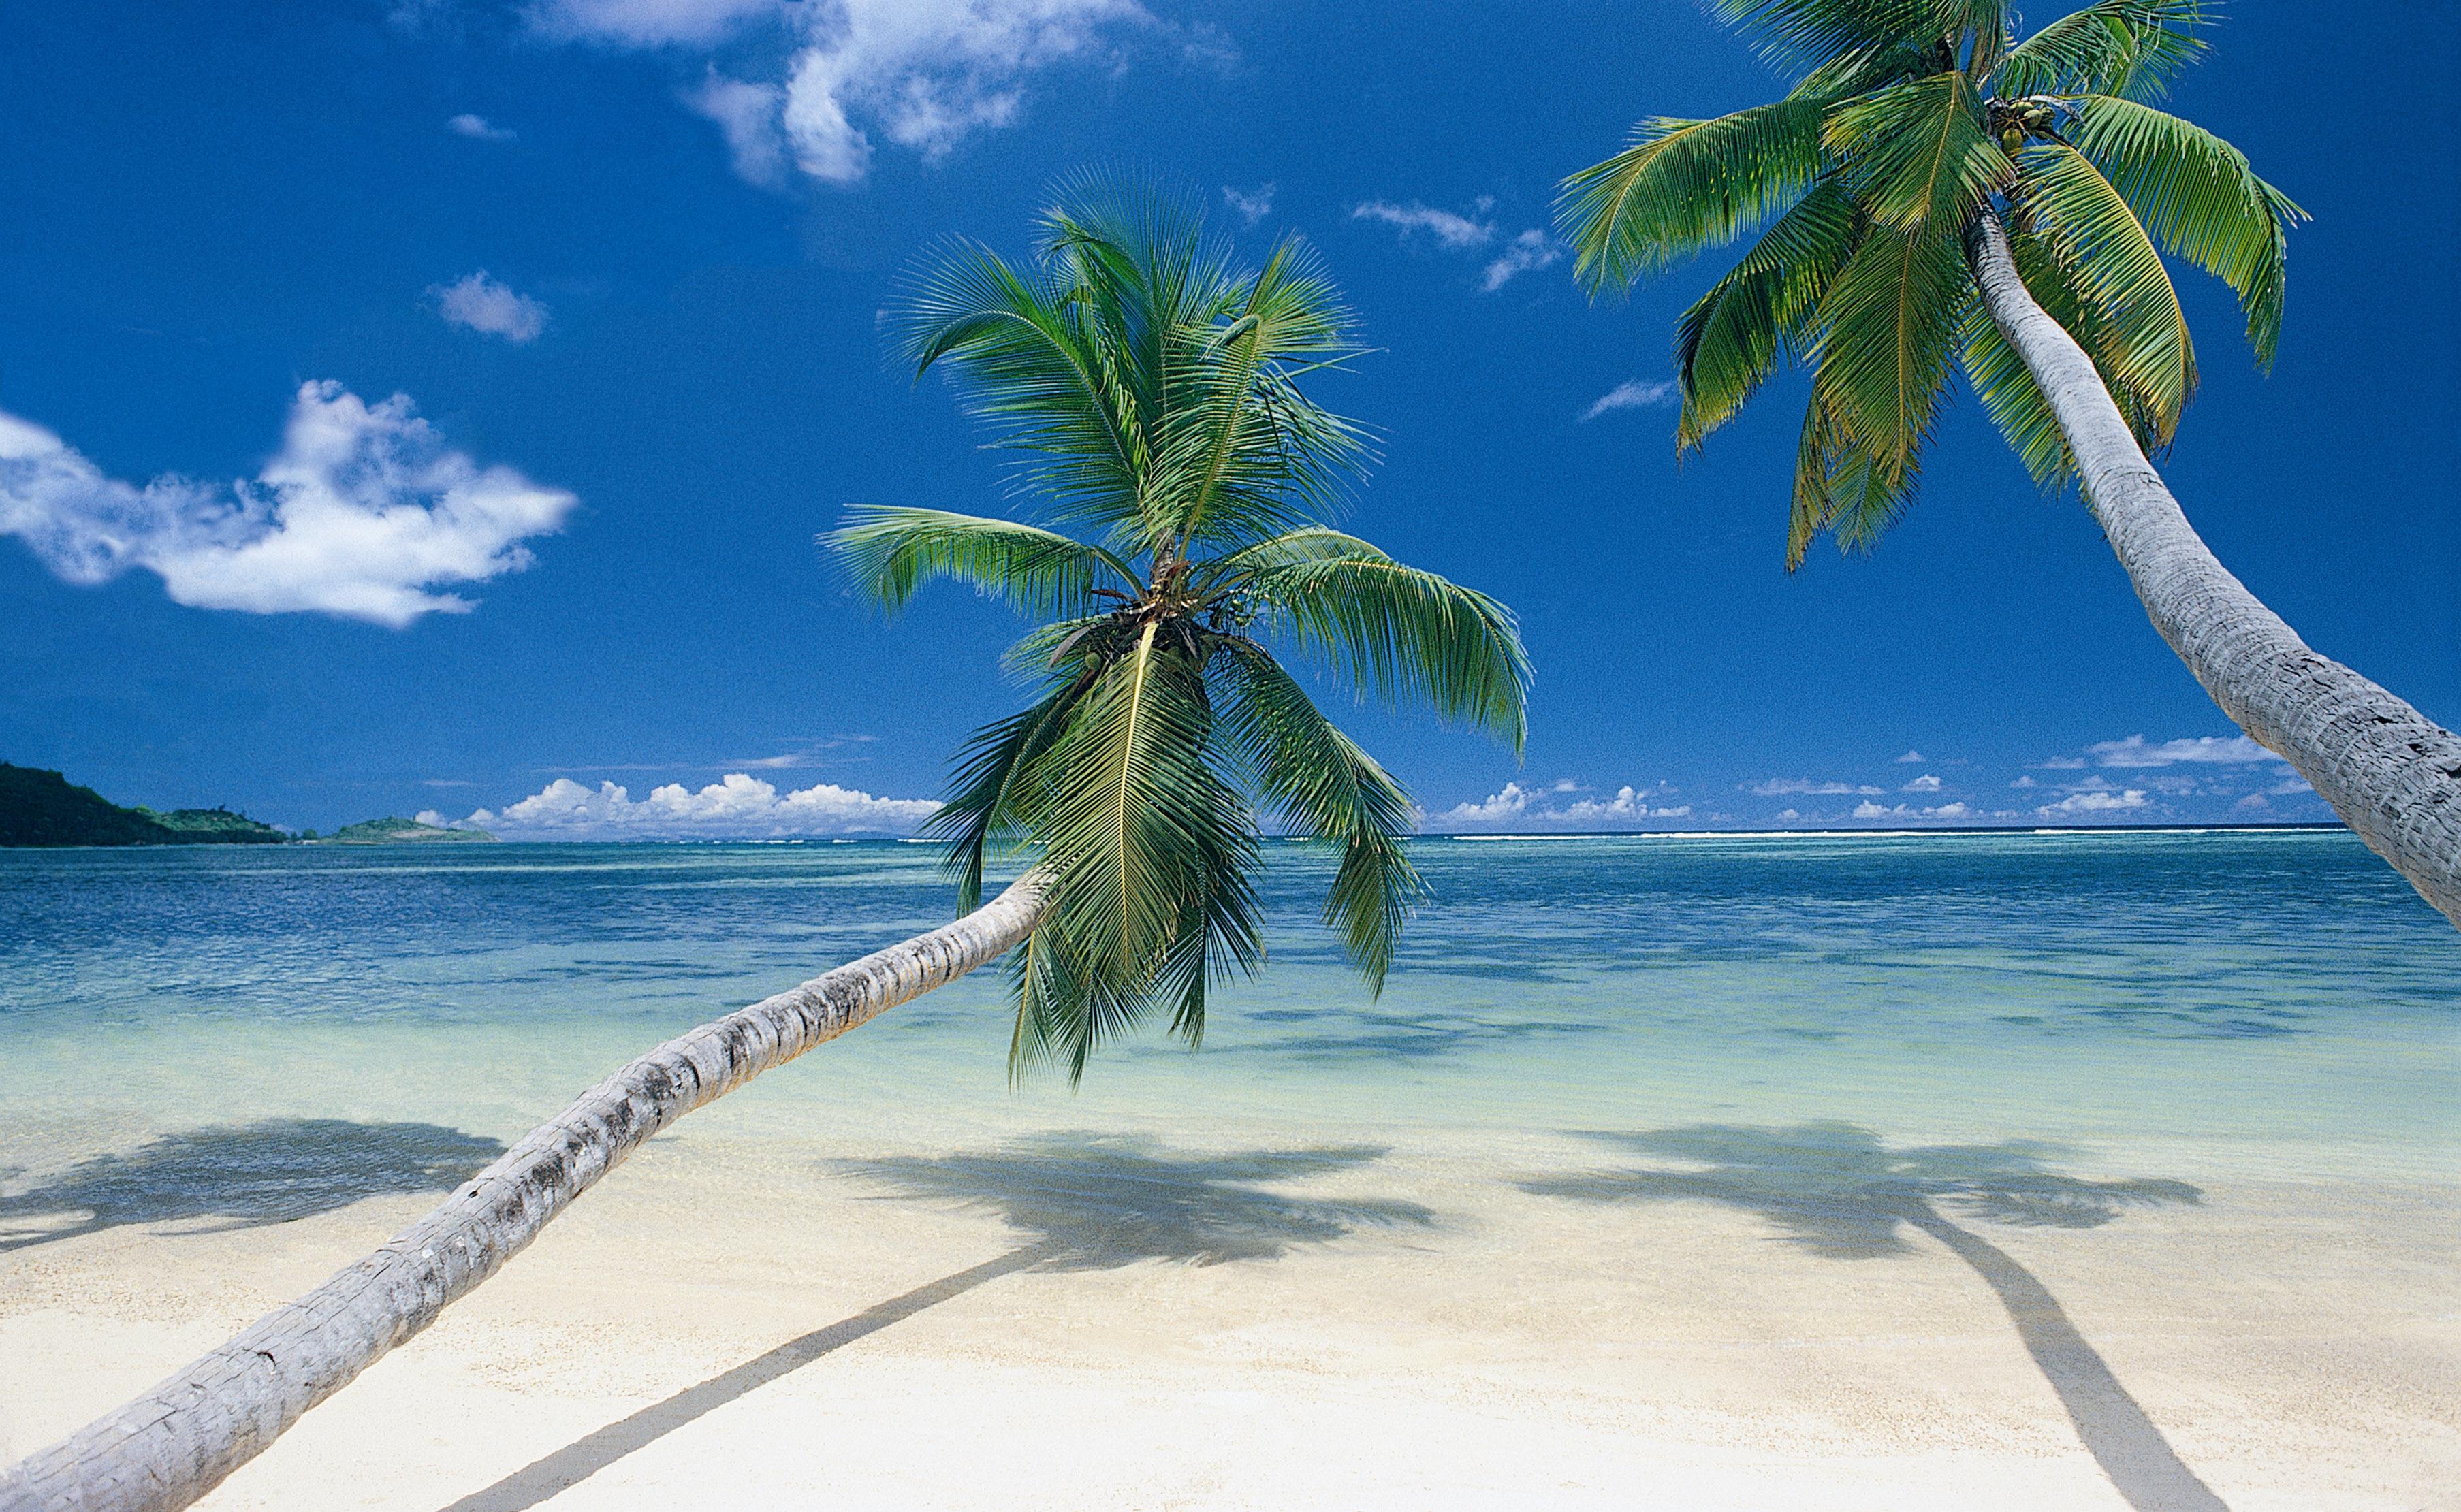 Beach Scene Wallpaper | Full Desktop Backgrounds